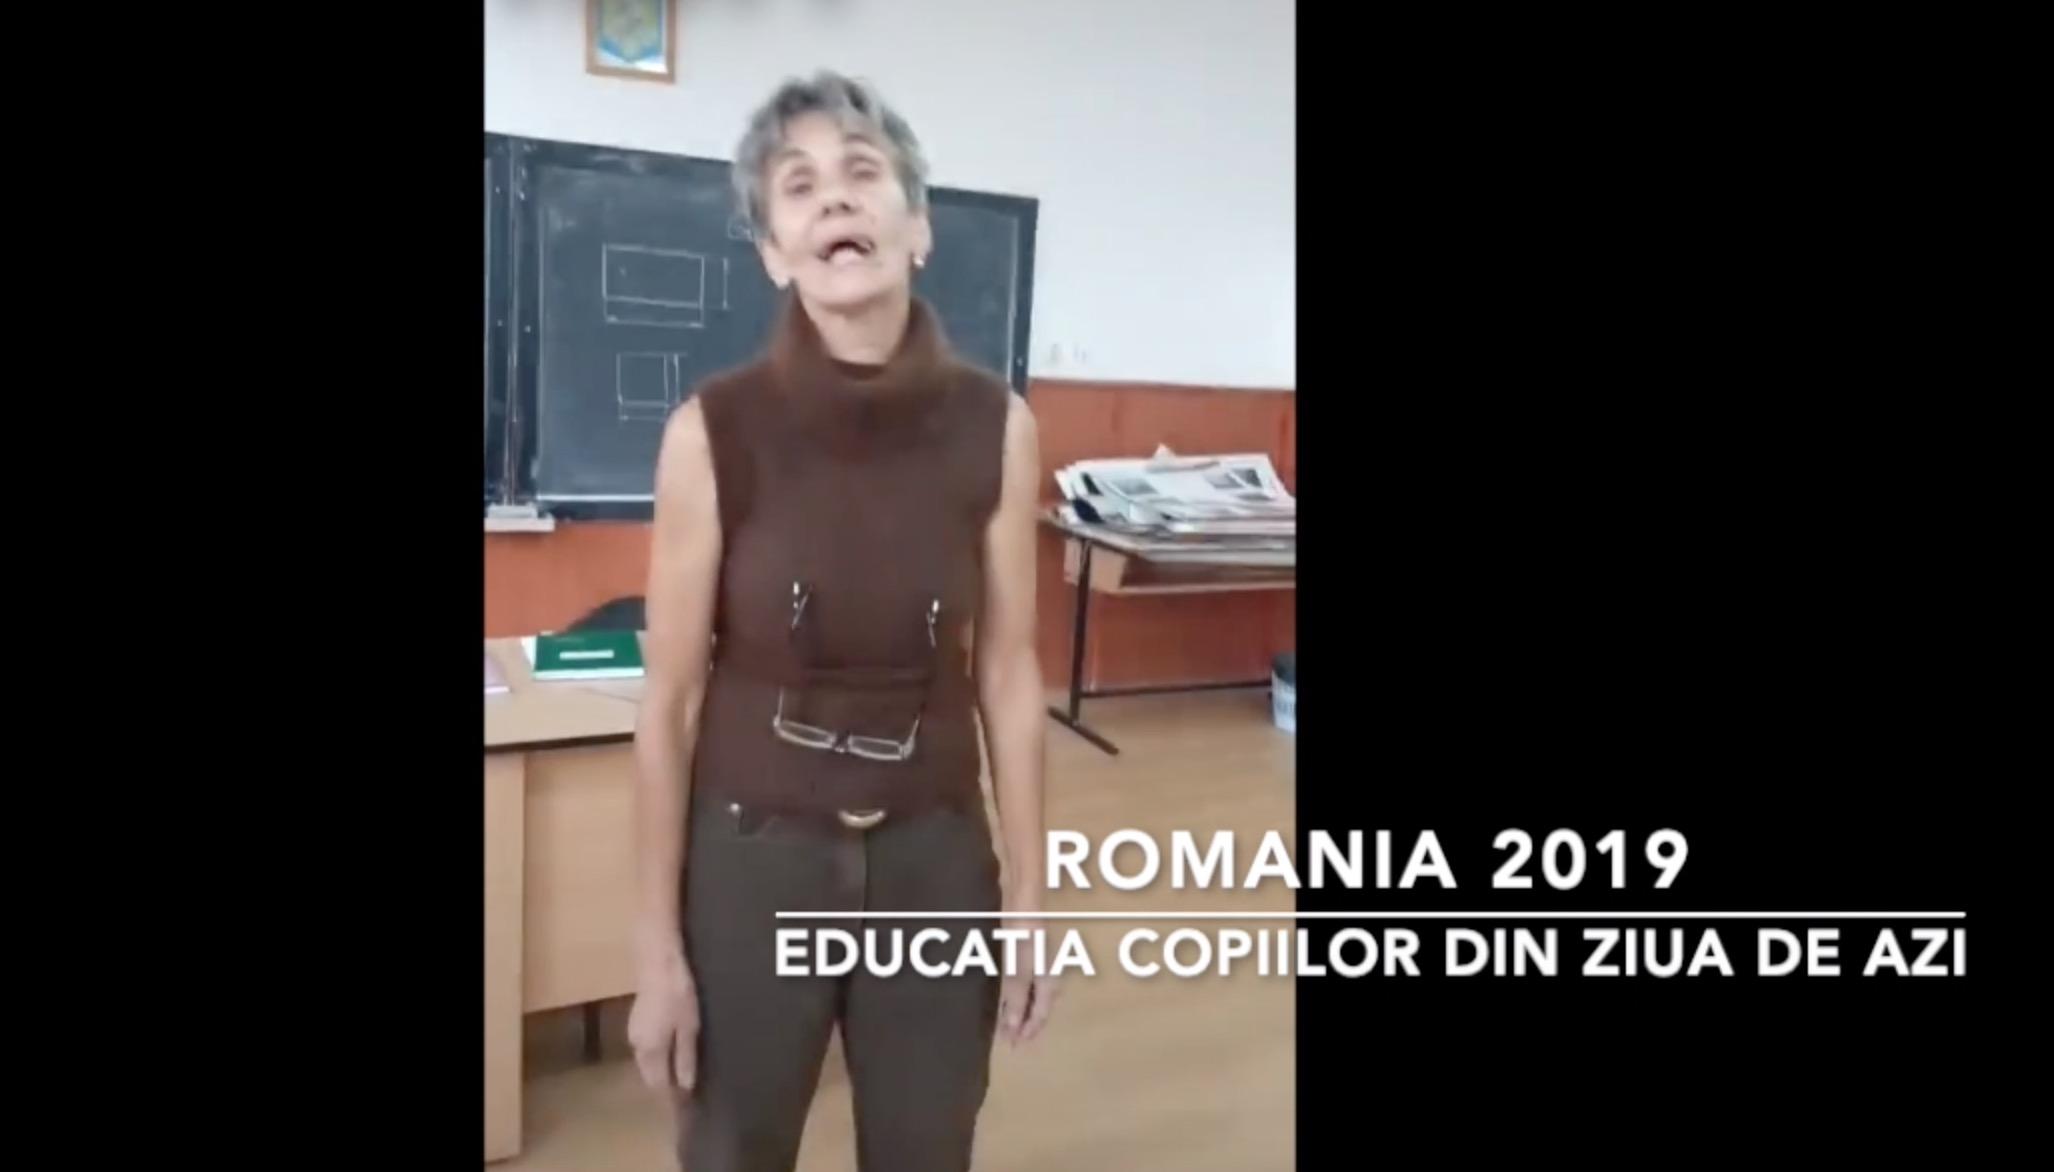 """Scene revoltătoare filmate într-un liceu din Săcele, judeţul Braşov. O profesoară este batjocorită de o elevă: """"Nebuna mea, hai la cimitir, hai la cimitir, să te îngrop puţin!"""""""